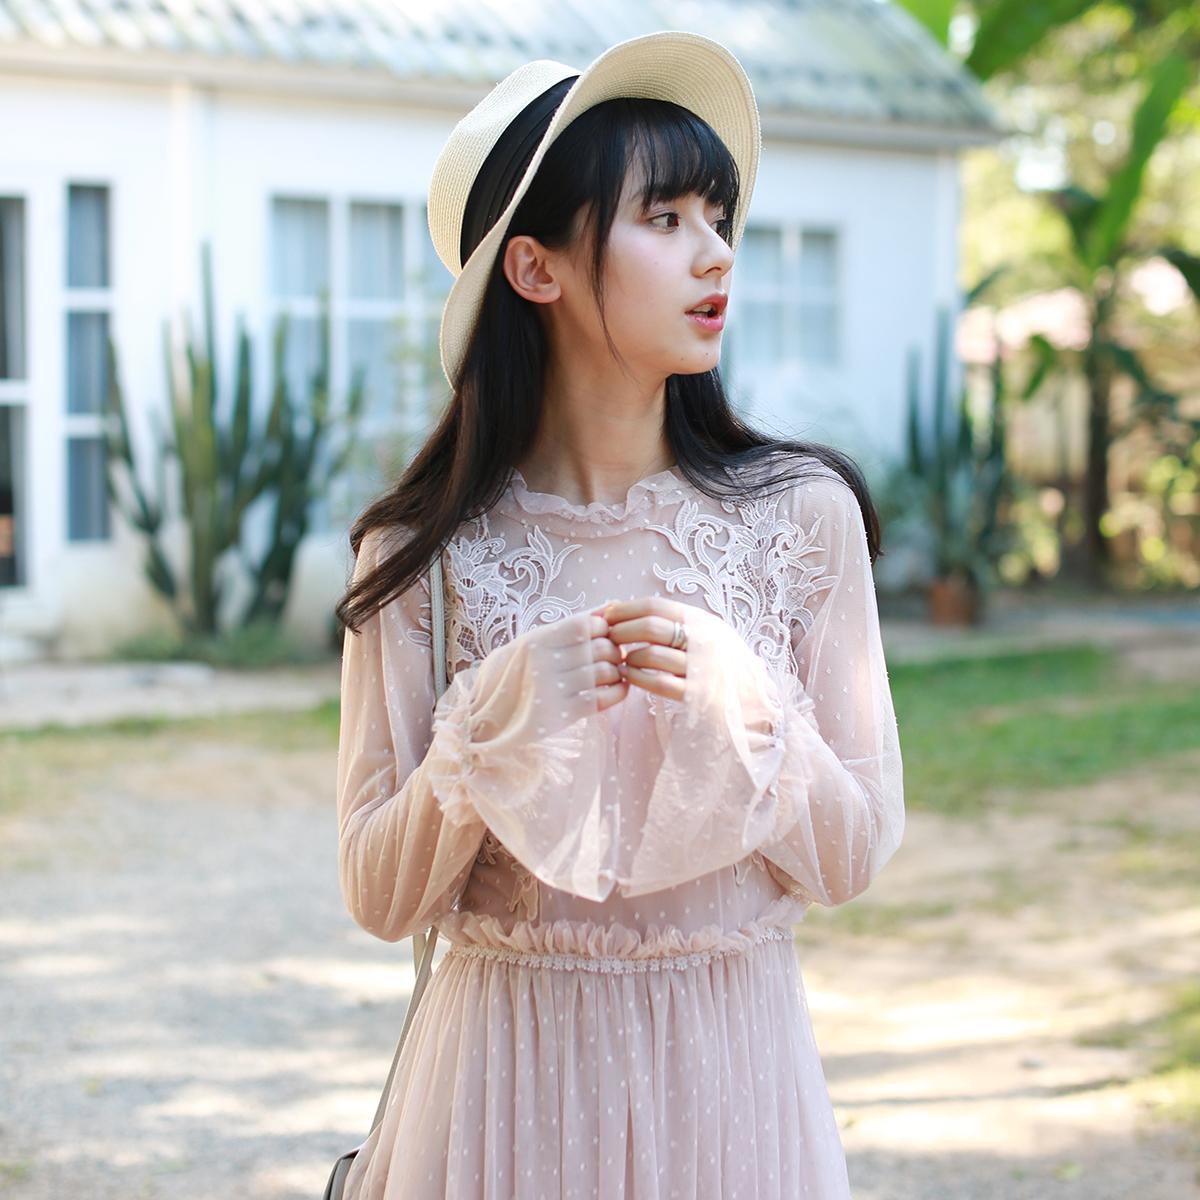 女神新衣连衣裙